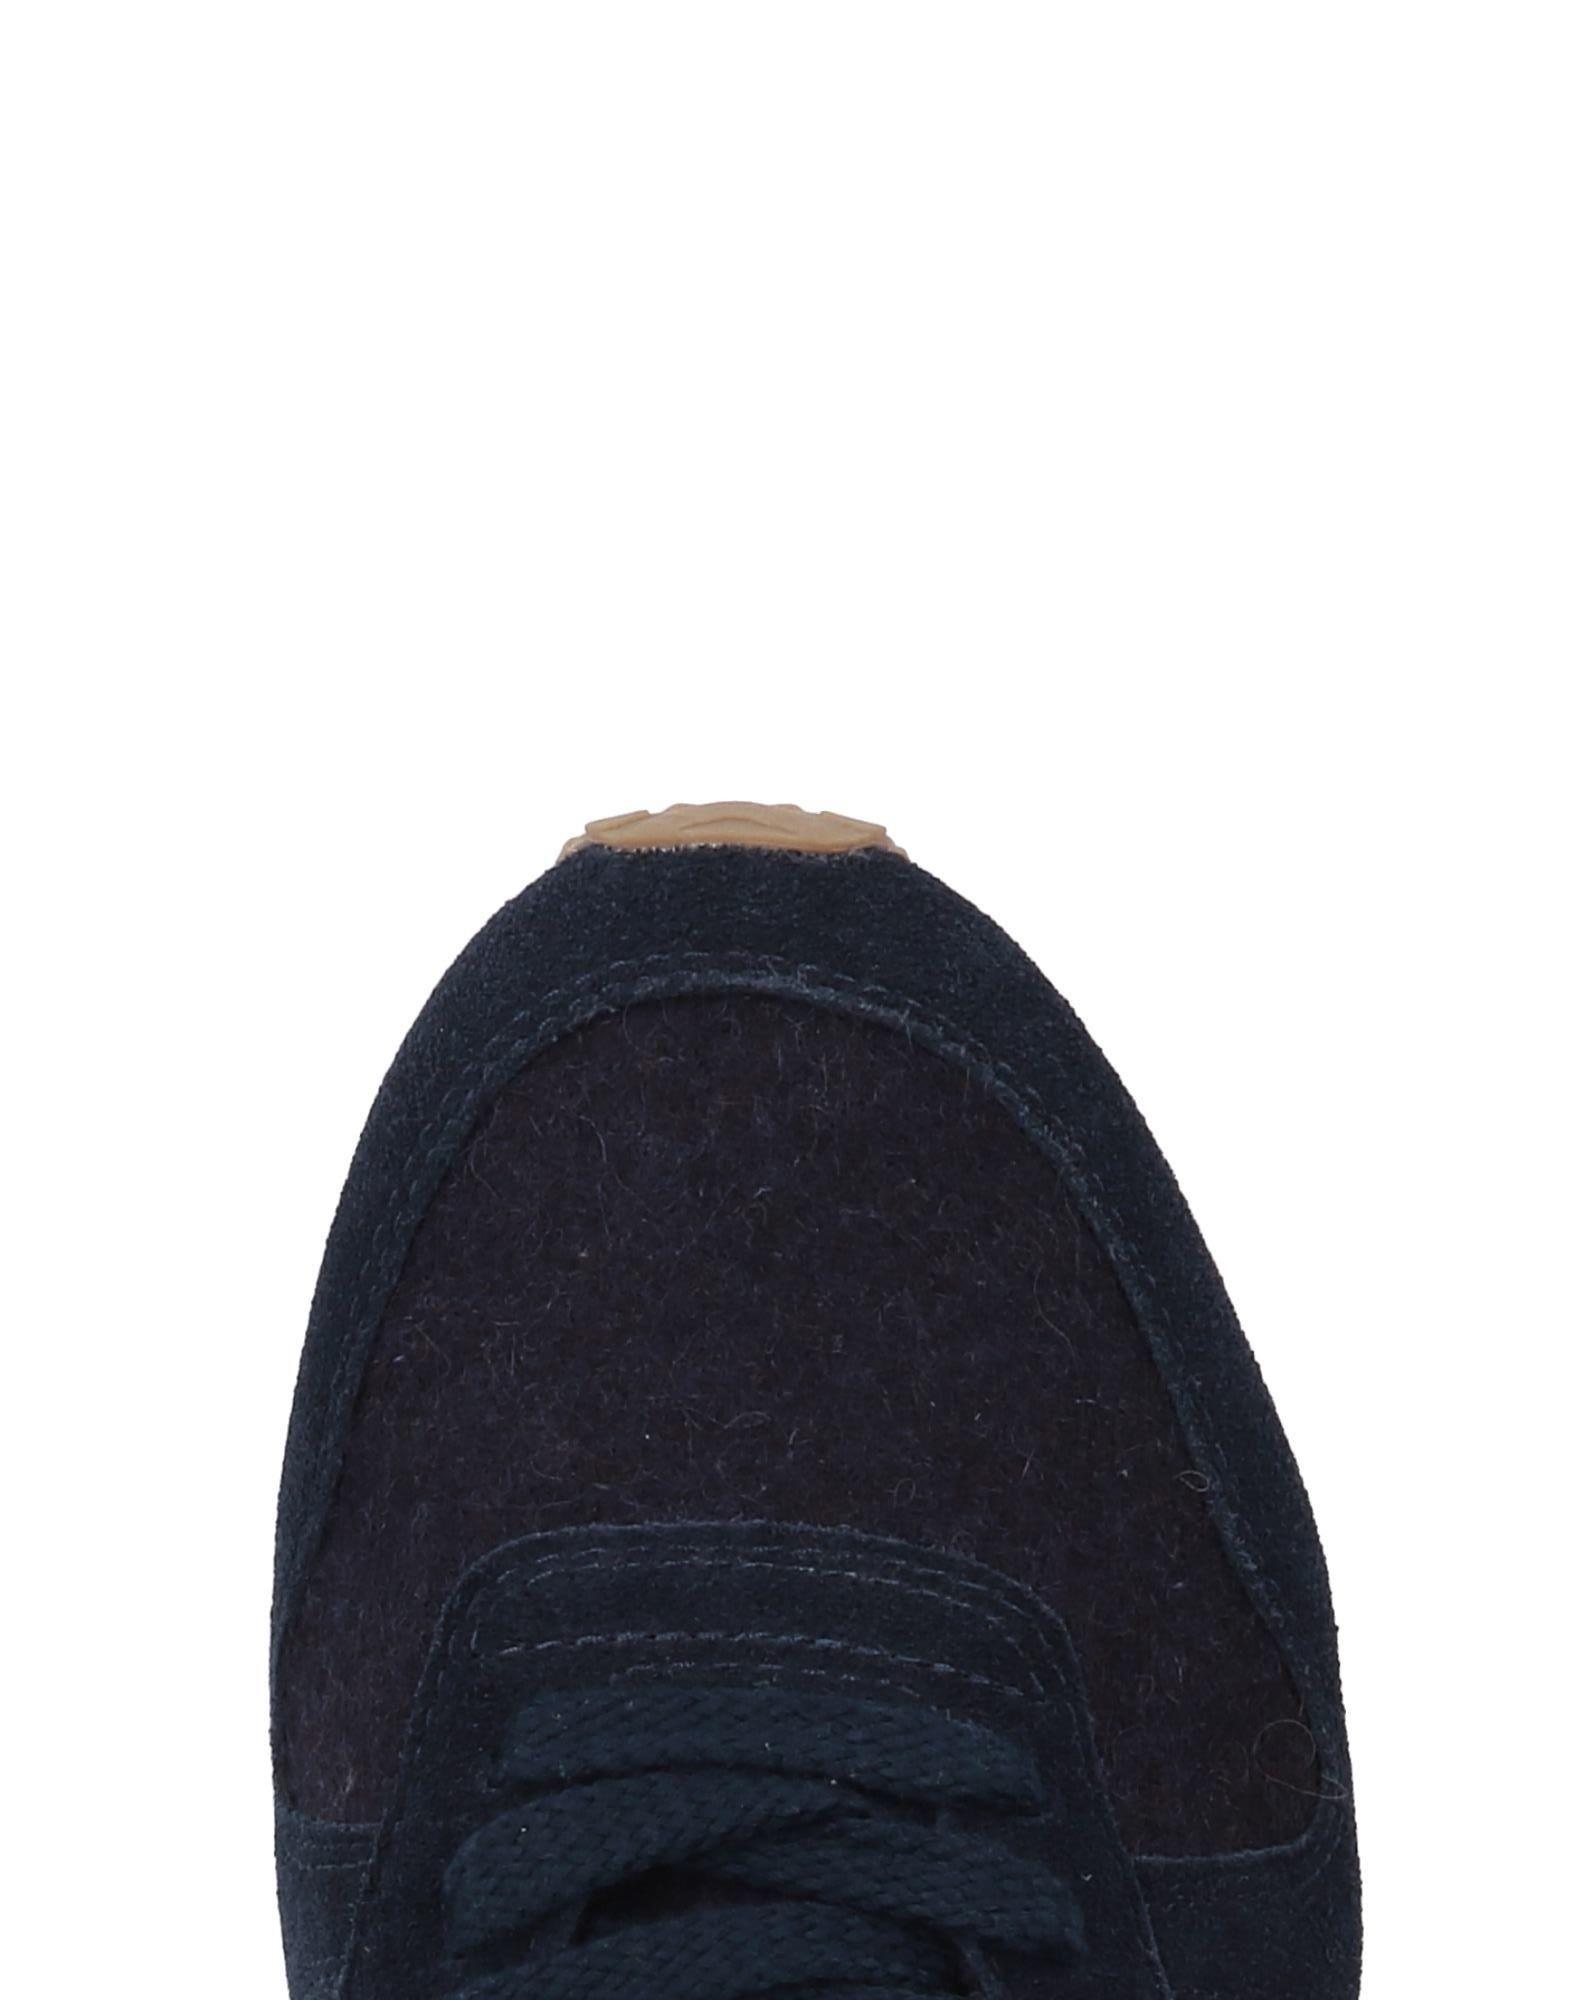 Rabatt echte Sneakers Schuhe Sun 68 Sneakers echte Herren  11491587HB 565514